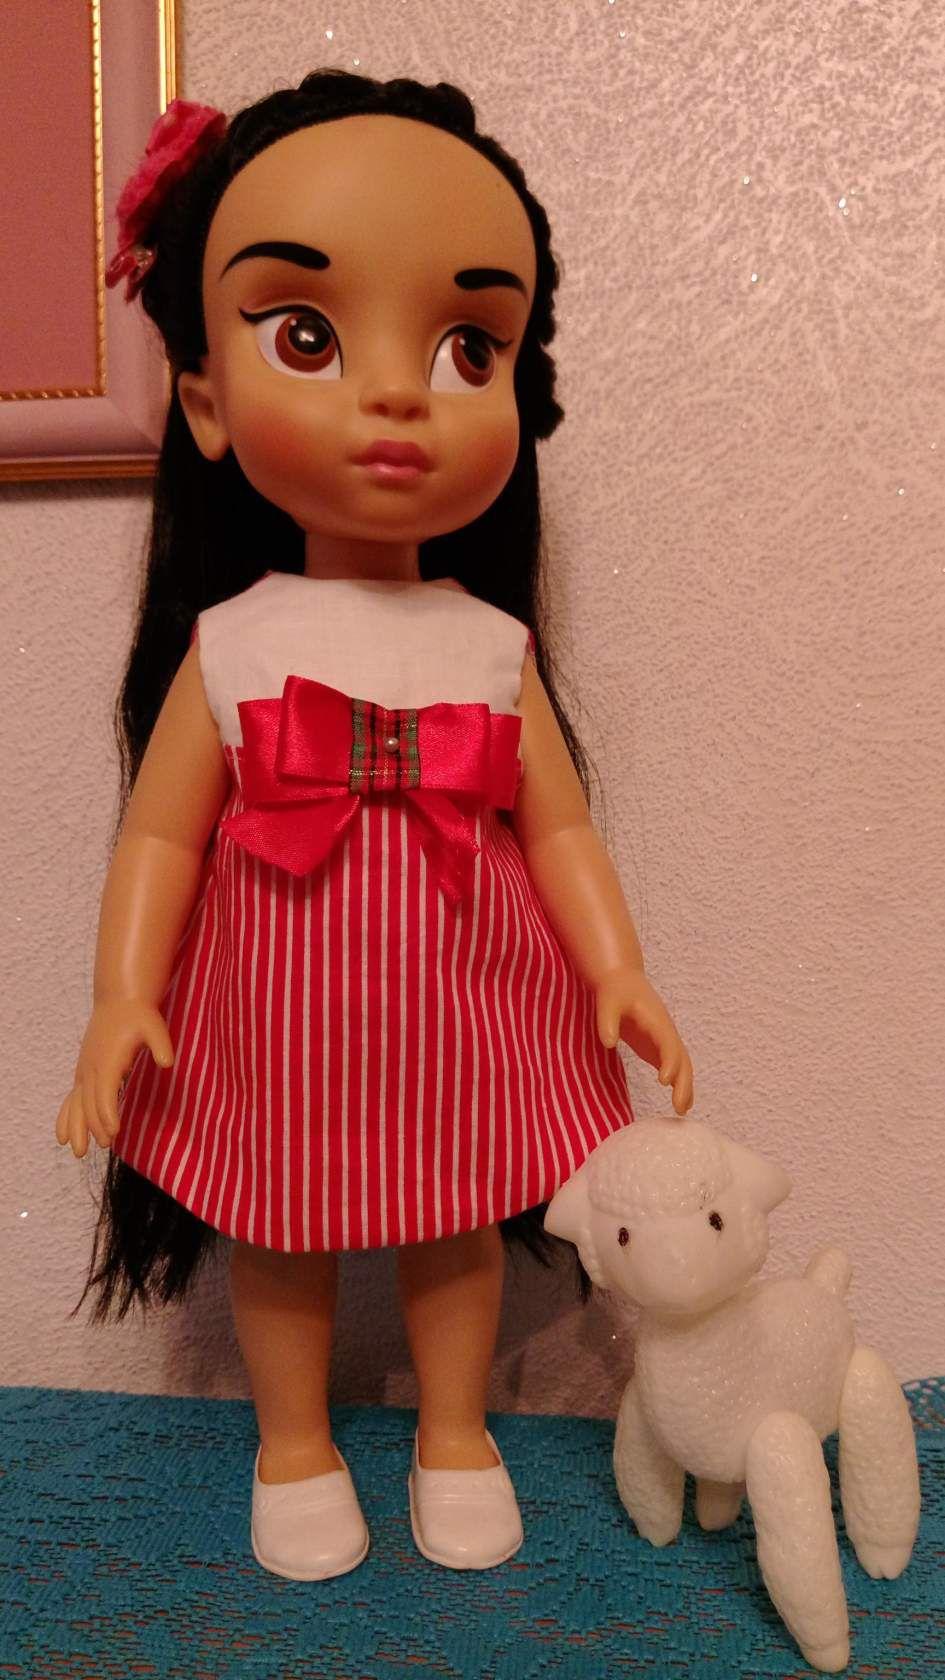 кукольная кукла дисней платье одежда куклу